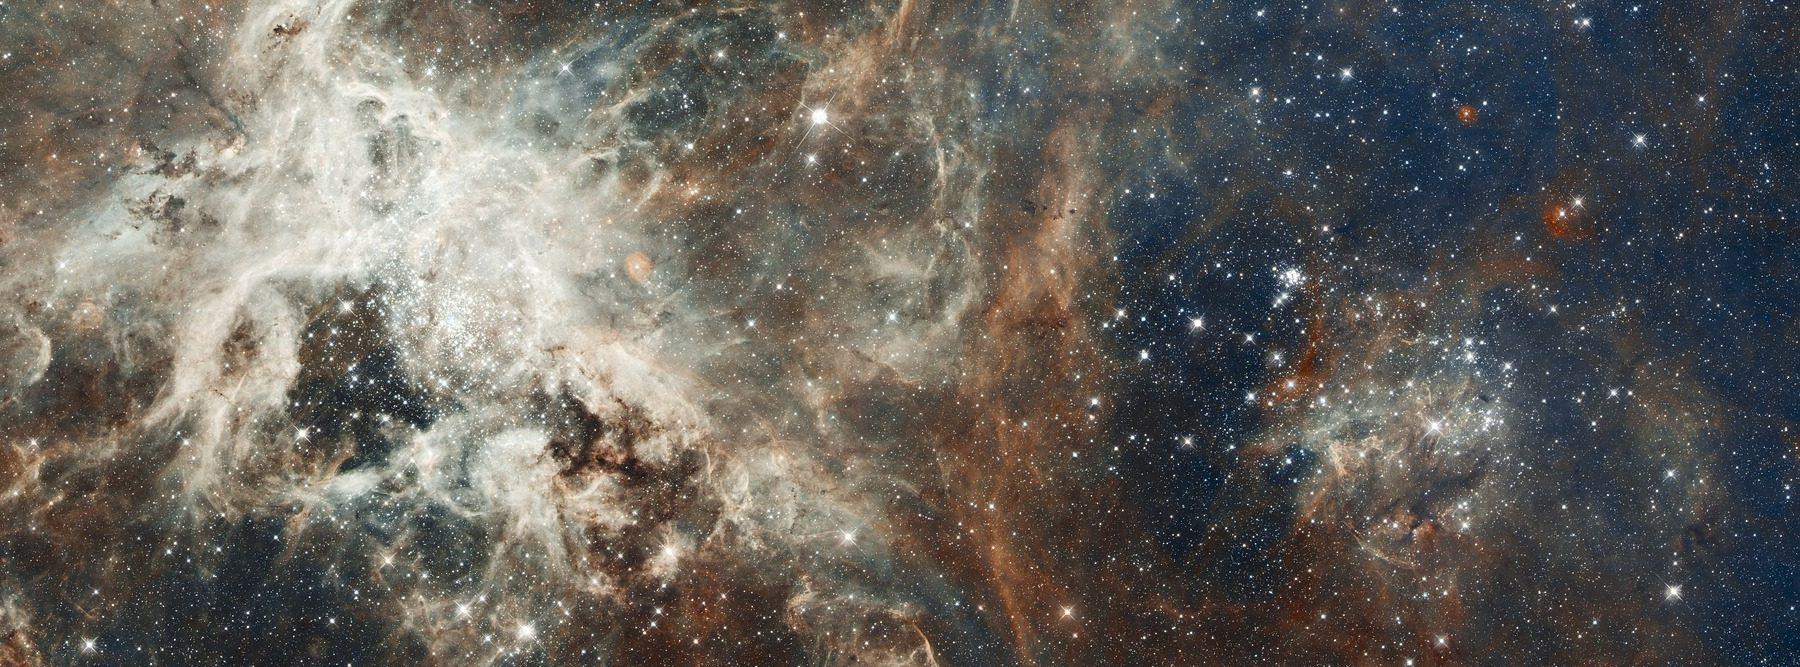 El vacío cósmico existe y estamos cerca